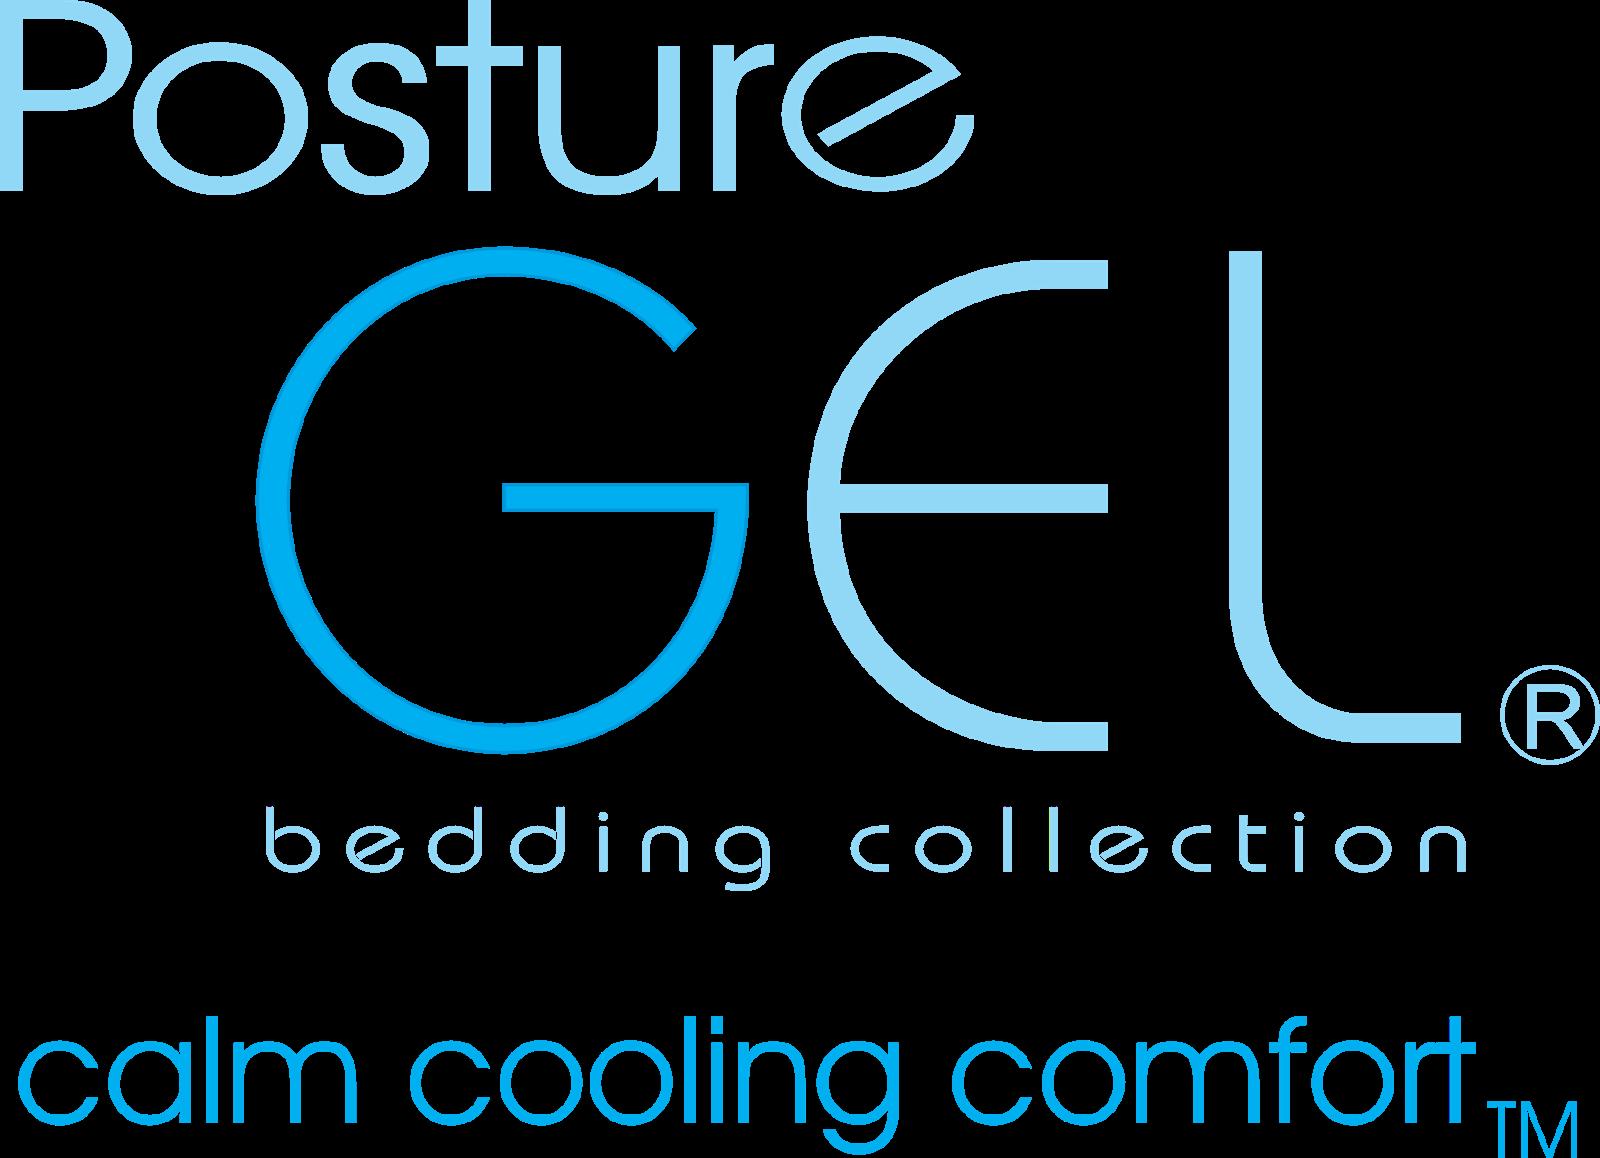 ST Logo - Posture Gel.png